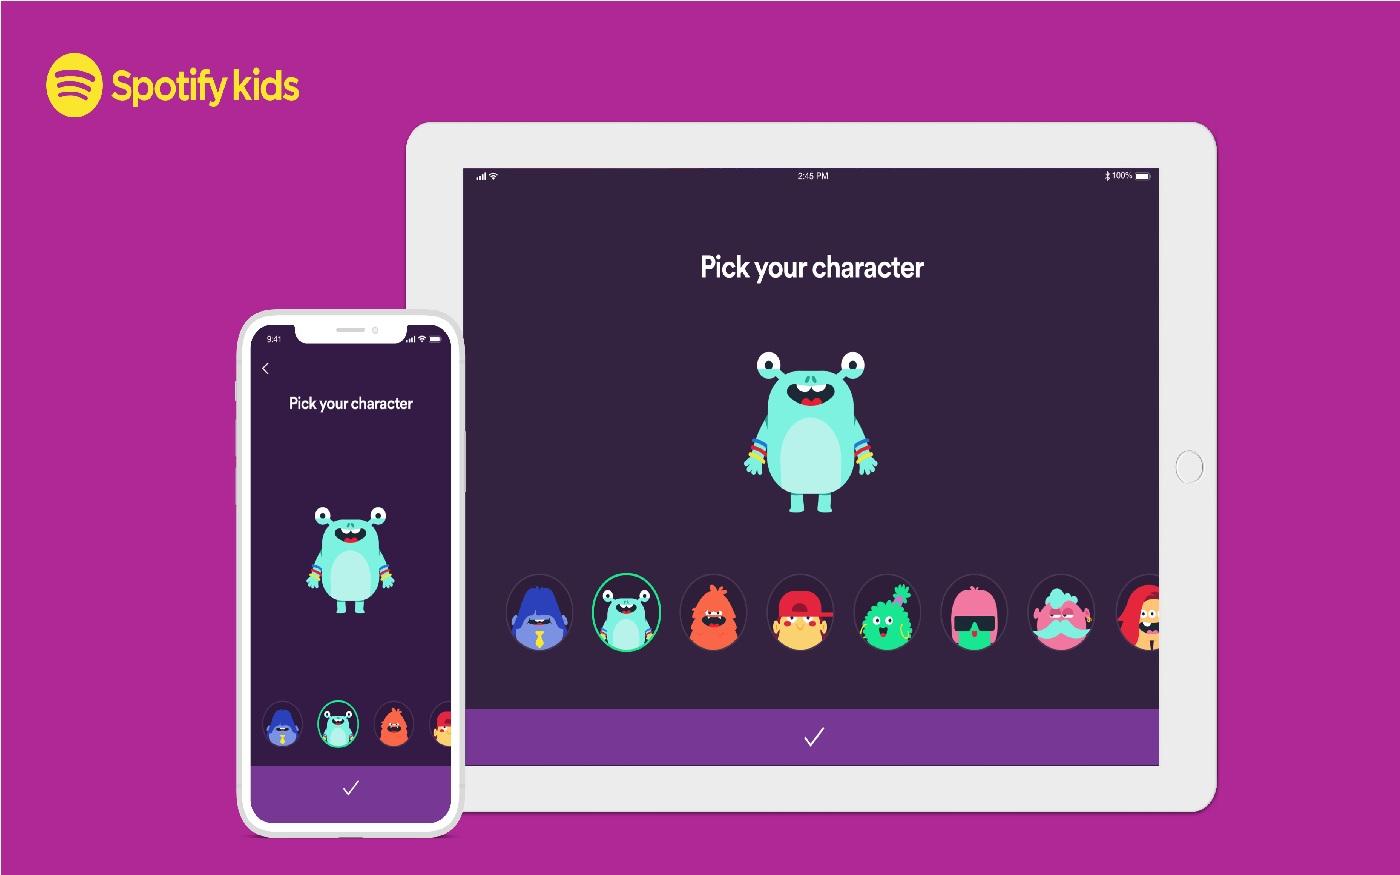 Spotify Kids chega em versão beta, como exclusivo do plano familiar